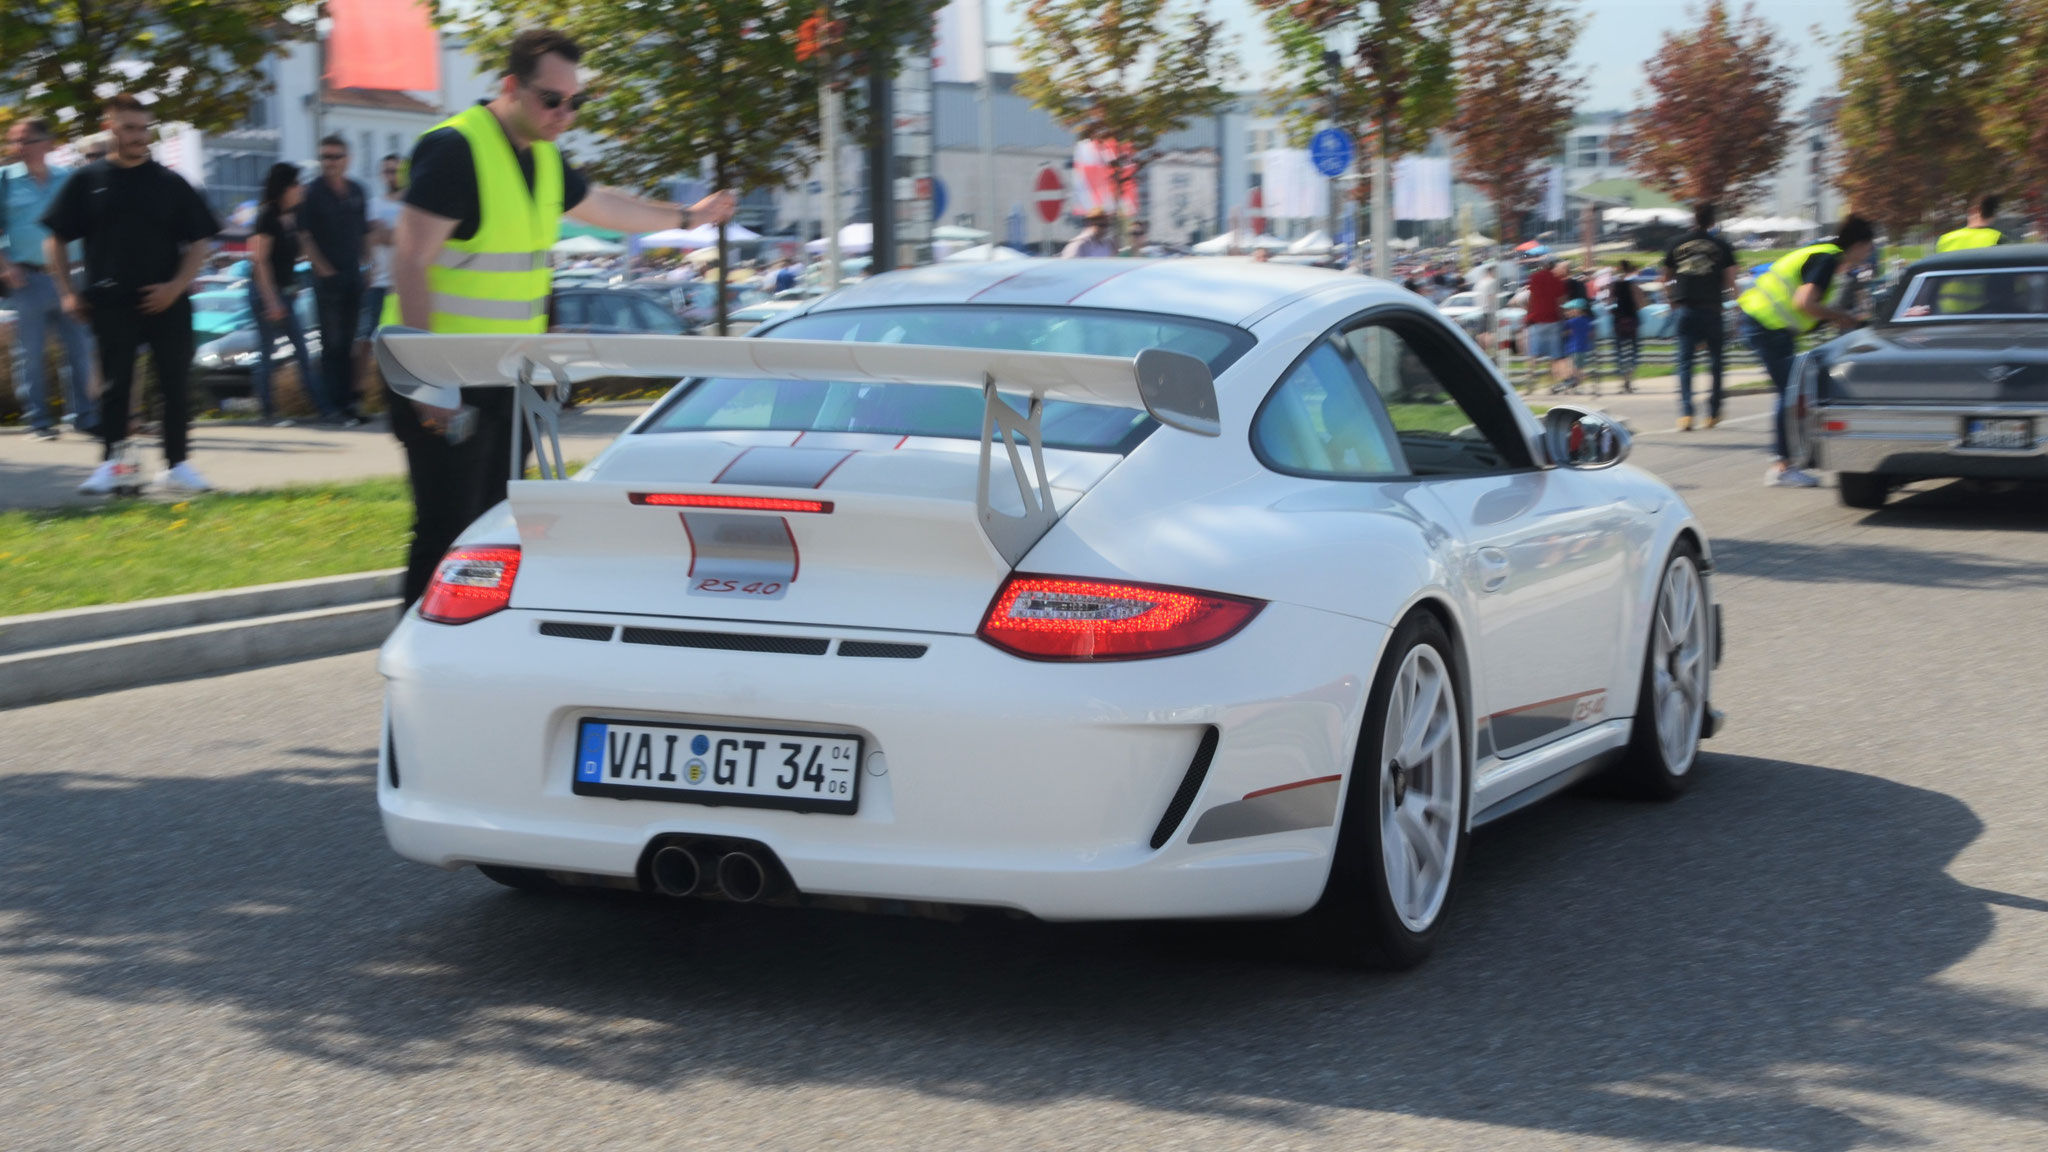 Porsche 911 GT3 RS 4.0 - VAI-GT-34